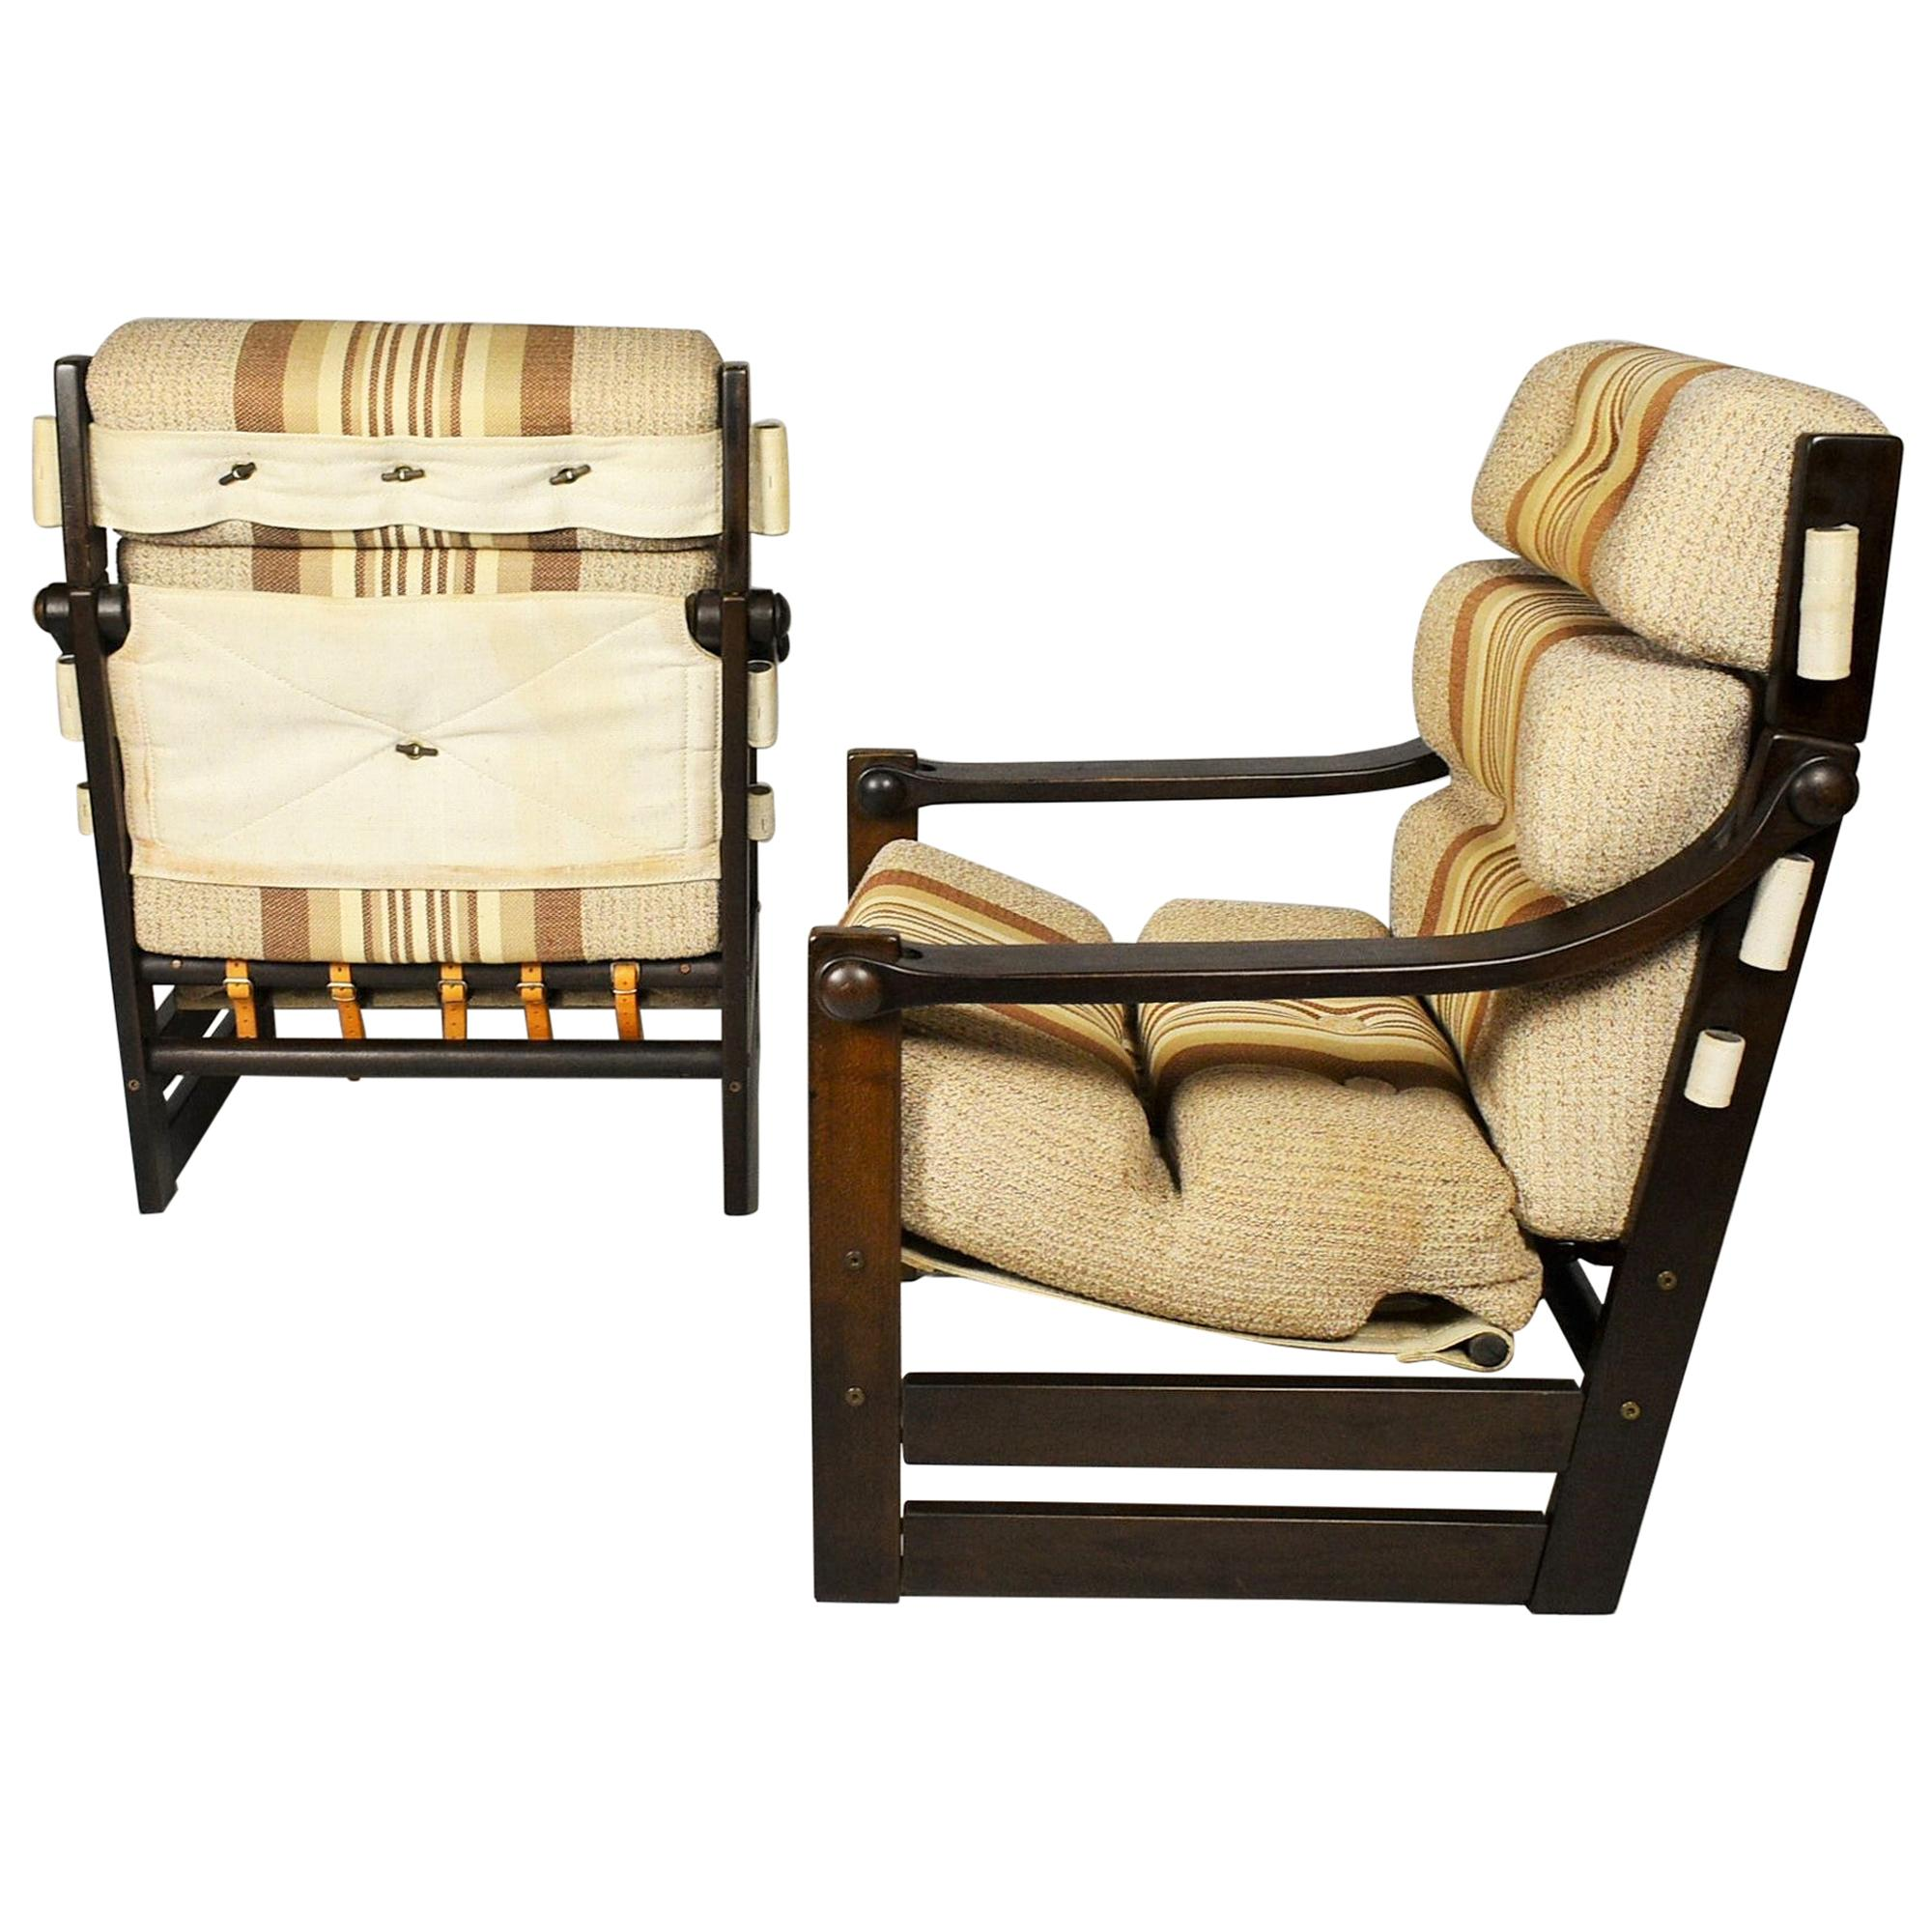 Pair of Midcentury Armchairs, Scandinavian, 1960s